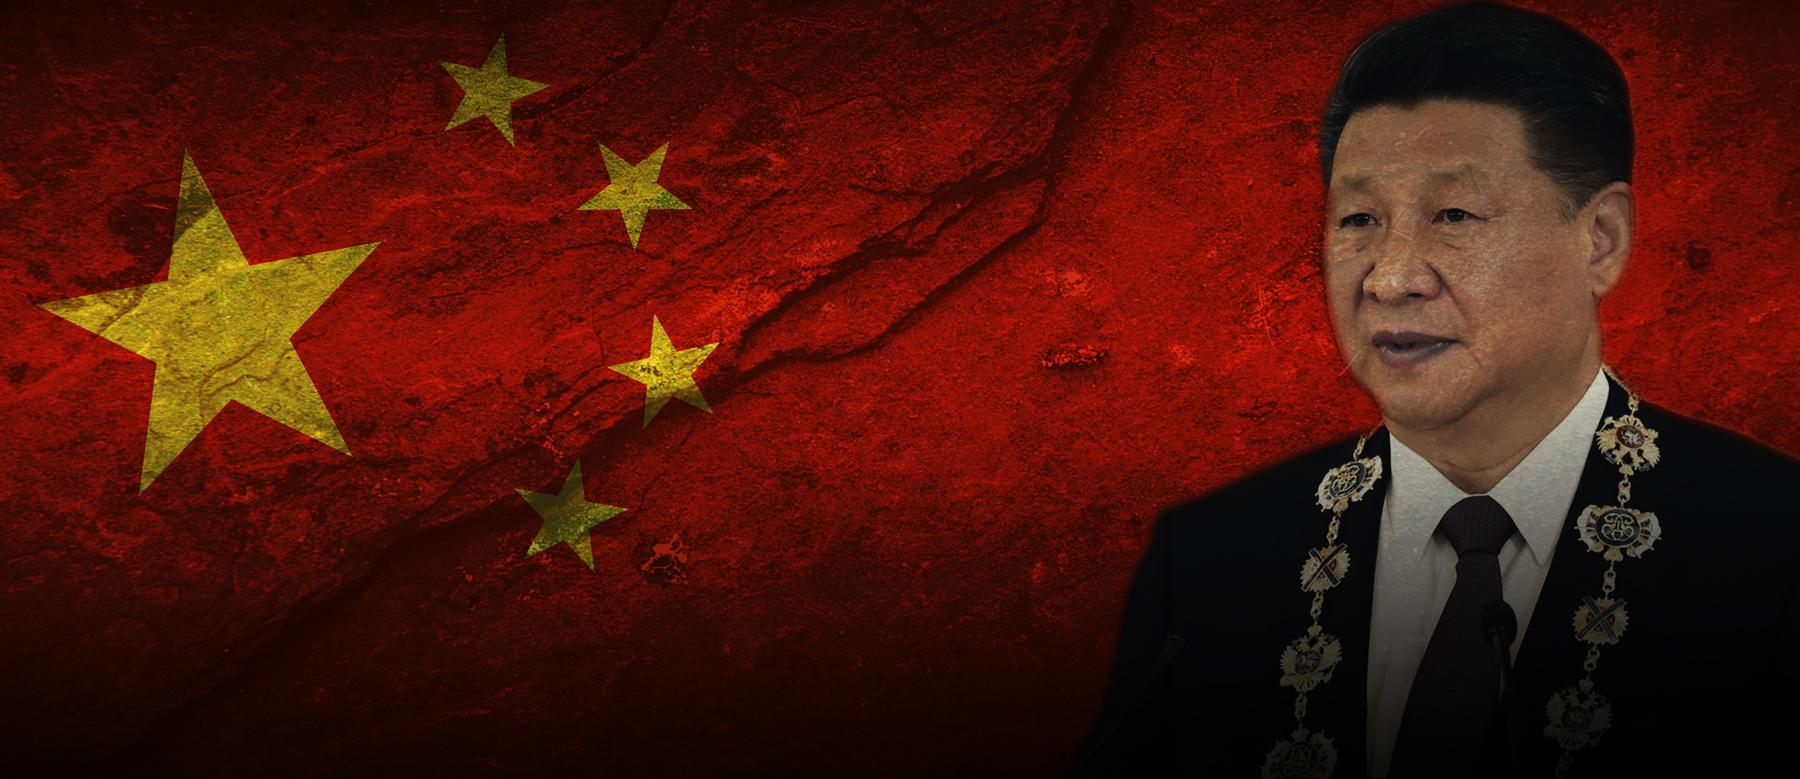 Begrüßt Xi Jinping: Chinas neuen Herrscher auf Lebenszeit